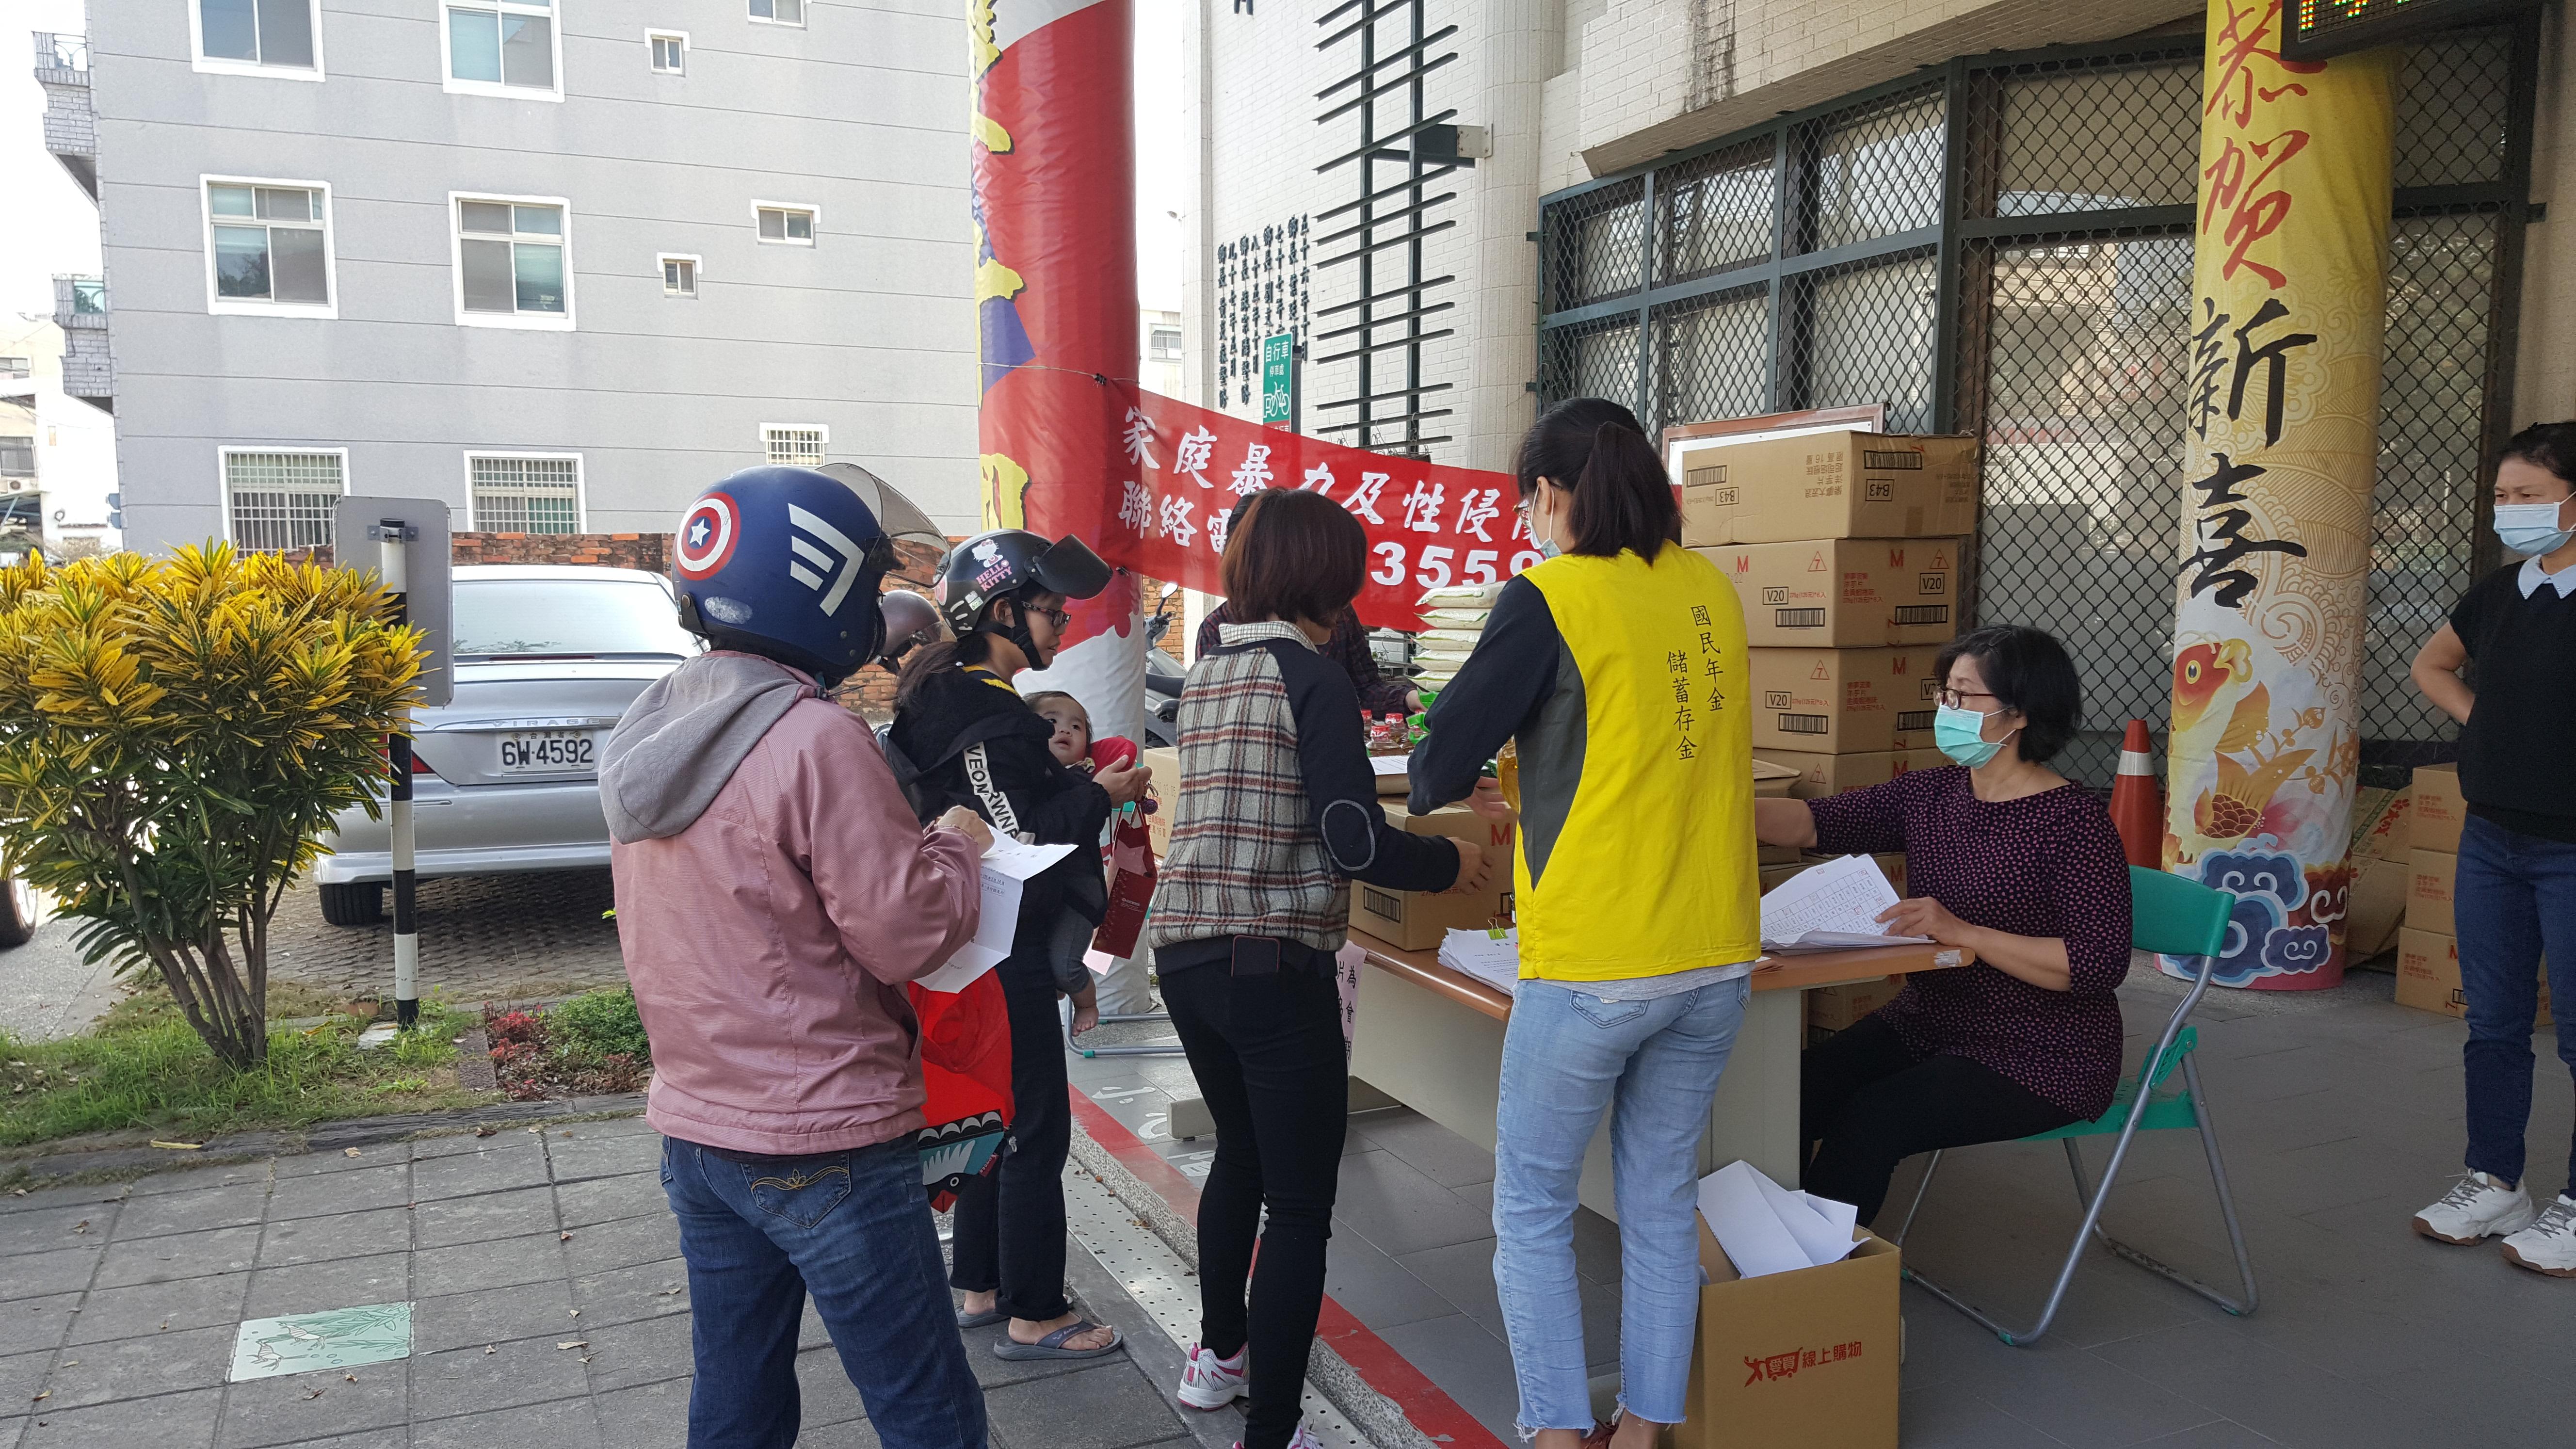 朝腰基金會、亞泰活塞股份有限公司、社團法人台灣普力關懷協會109年2月14日社會救助活動。